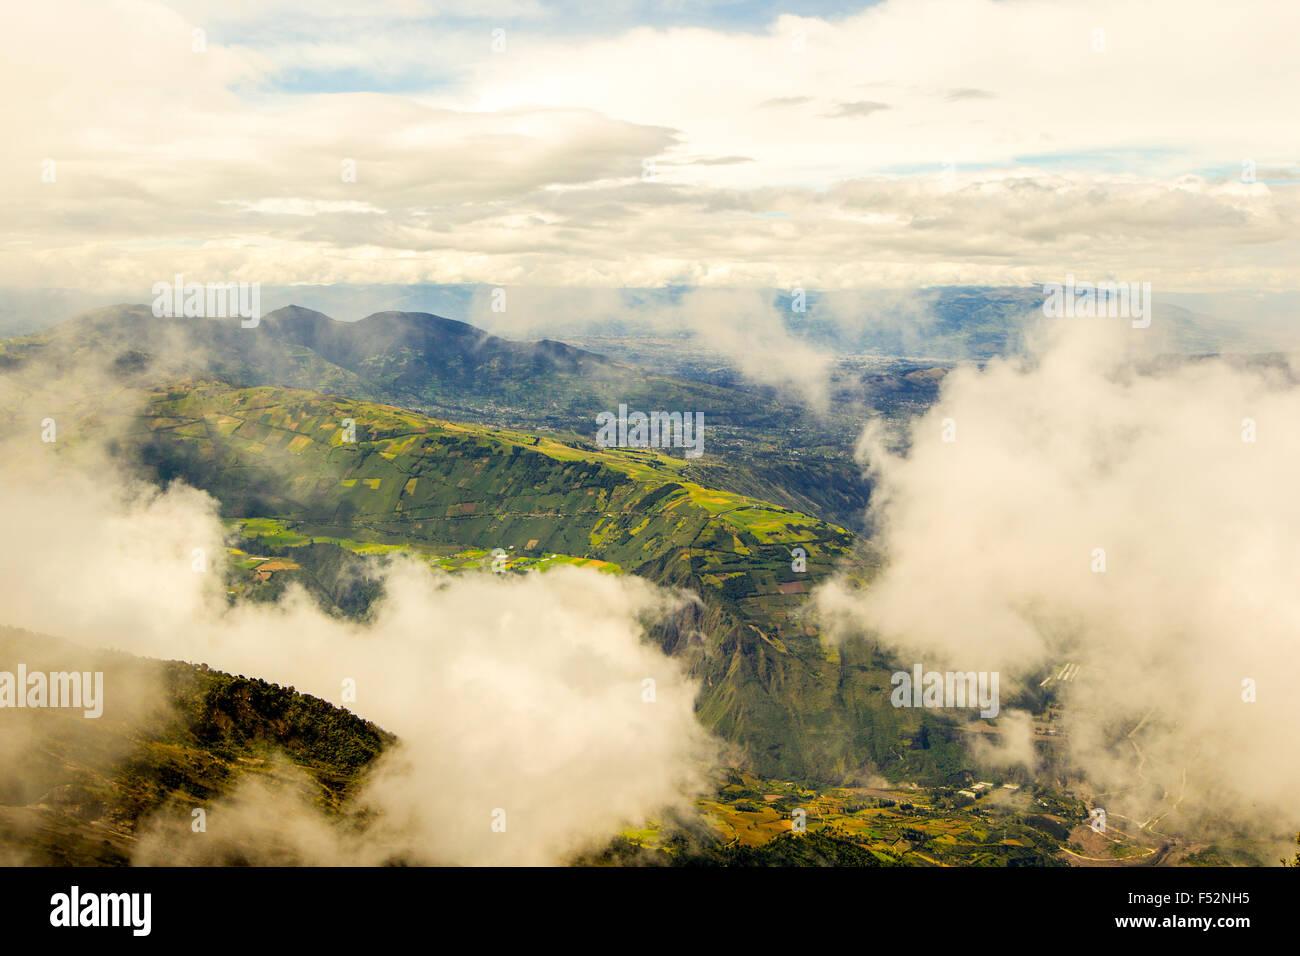 Provincia de Tungurahua en Ecuador vista desde la cima del volcán en un día nublado Imagen De Stock